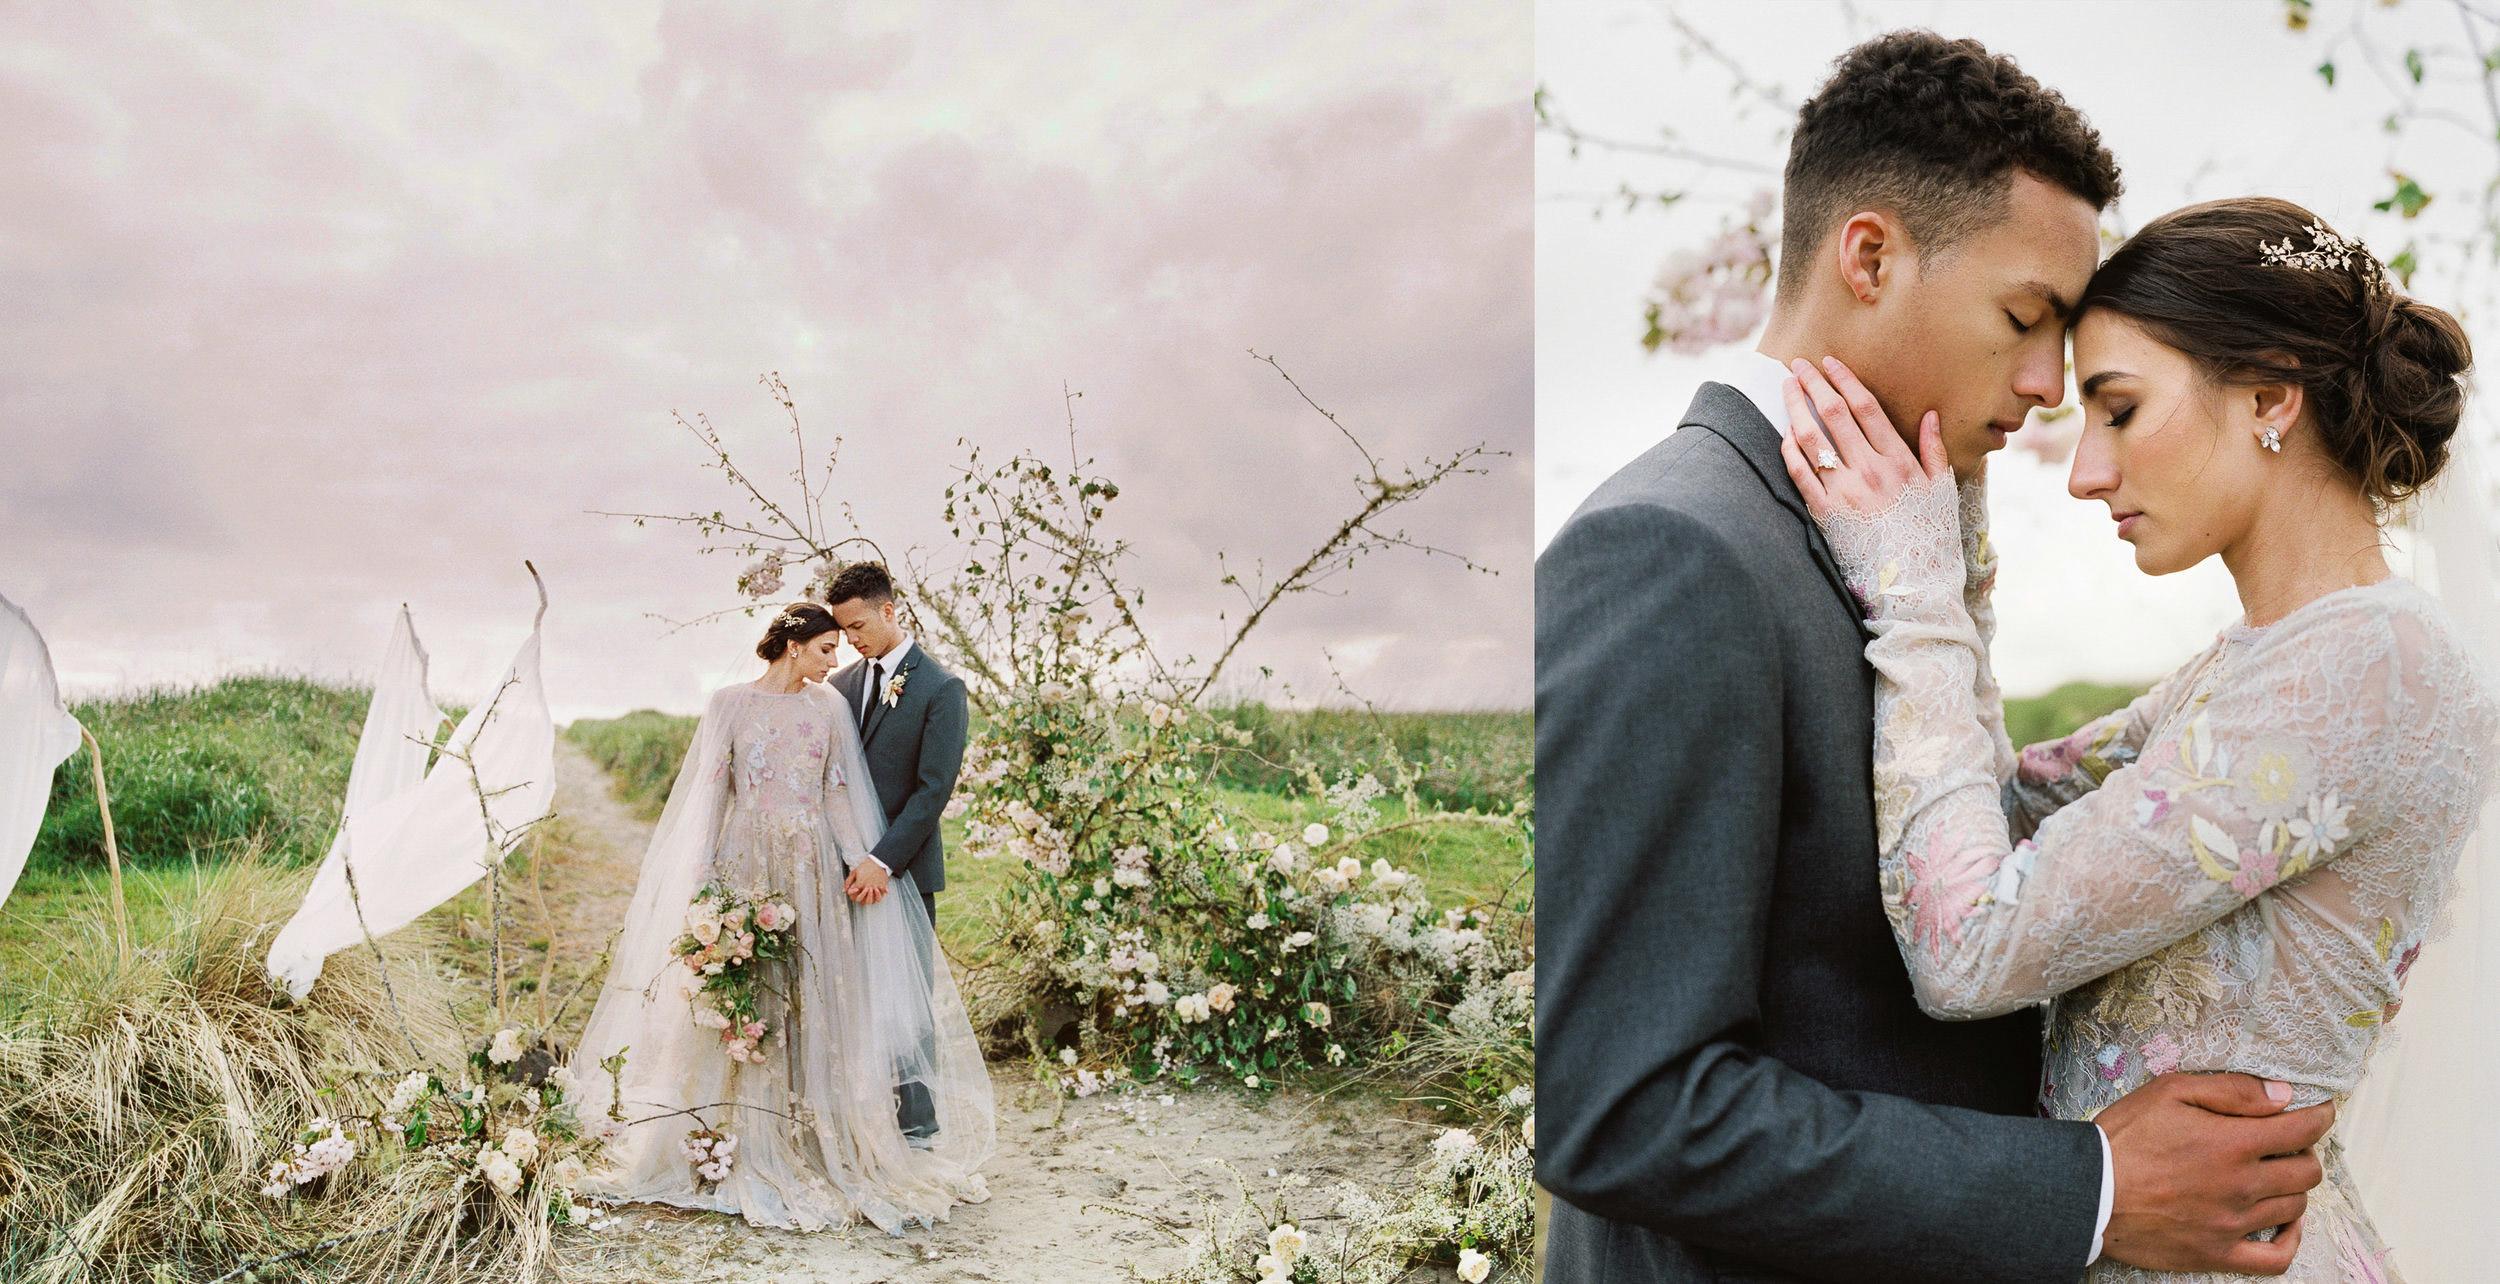 13_destination+worldwide+elopement+wedding+film+photographer+cinematographer_.jpg